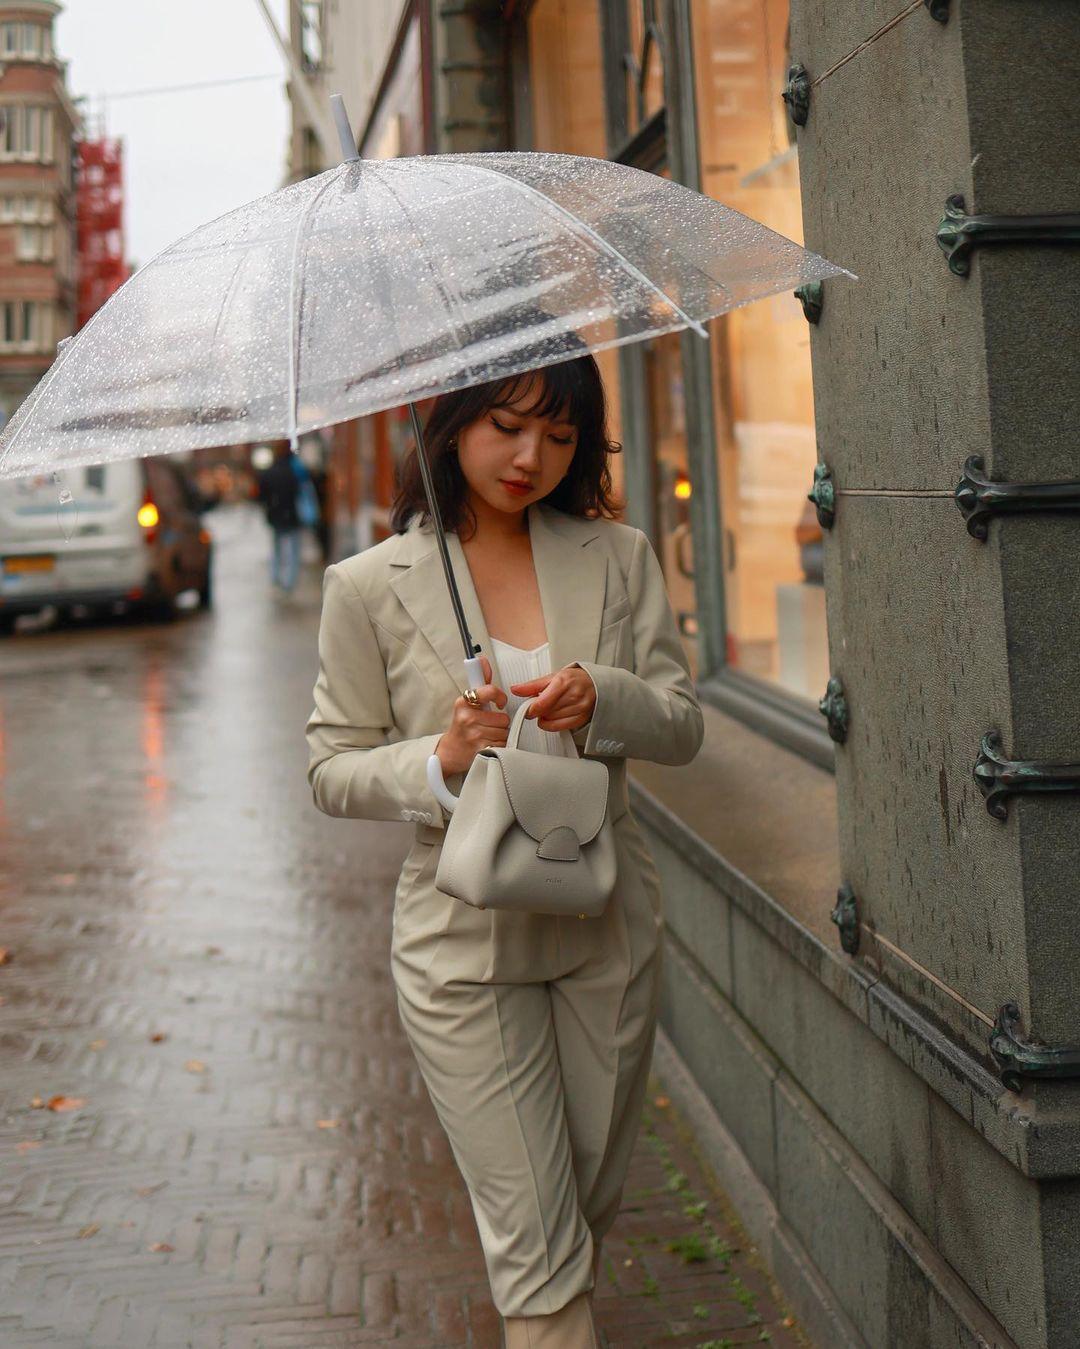 phong cách thời trang parisian cô gái măc suit cầm ô